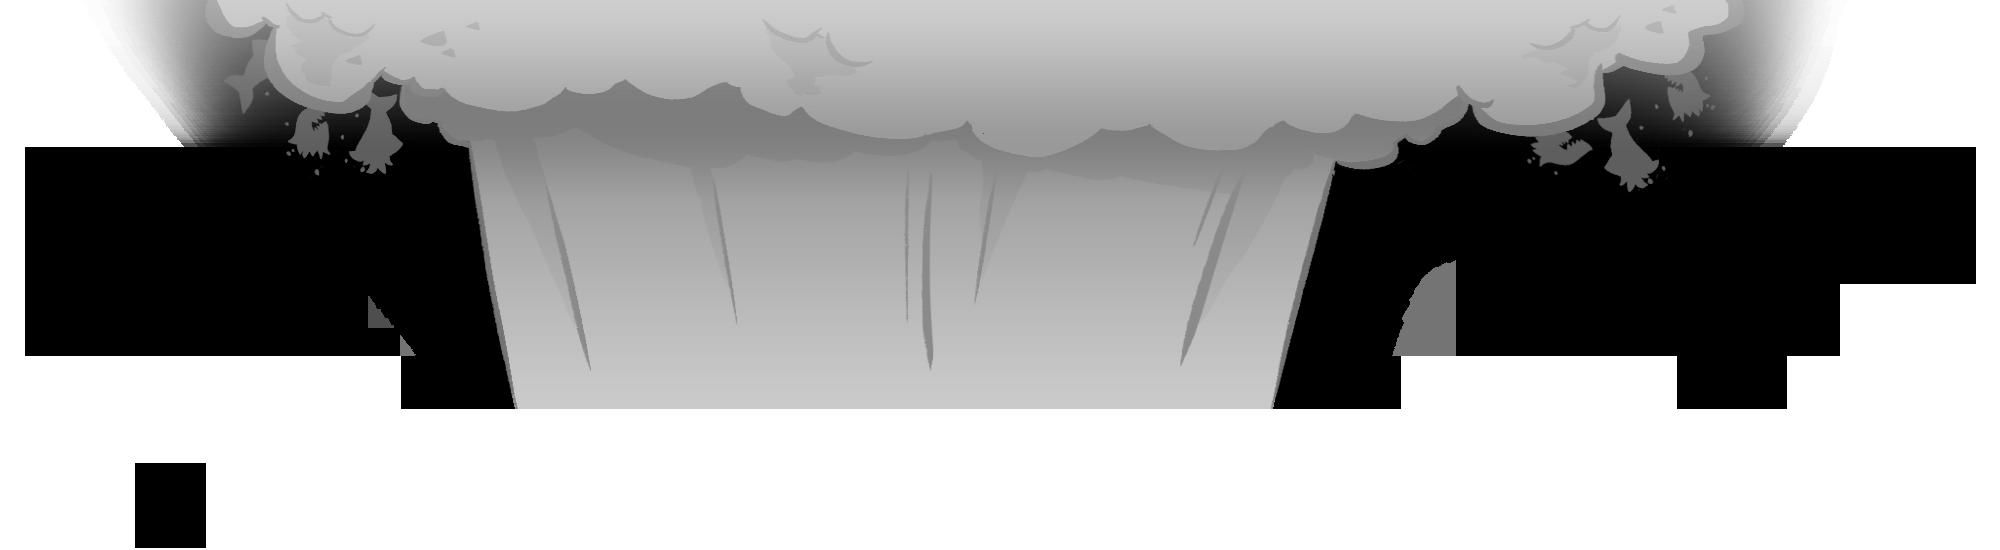 sharksplode-main-bg-3x-8